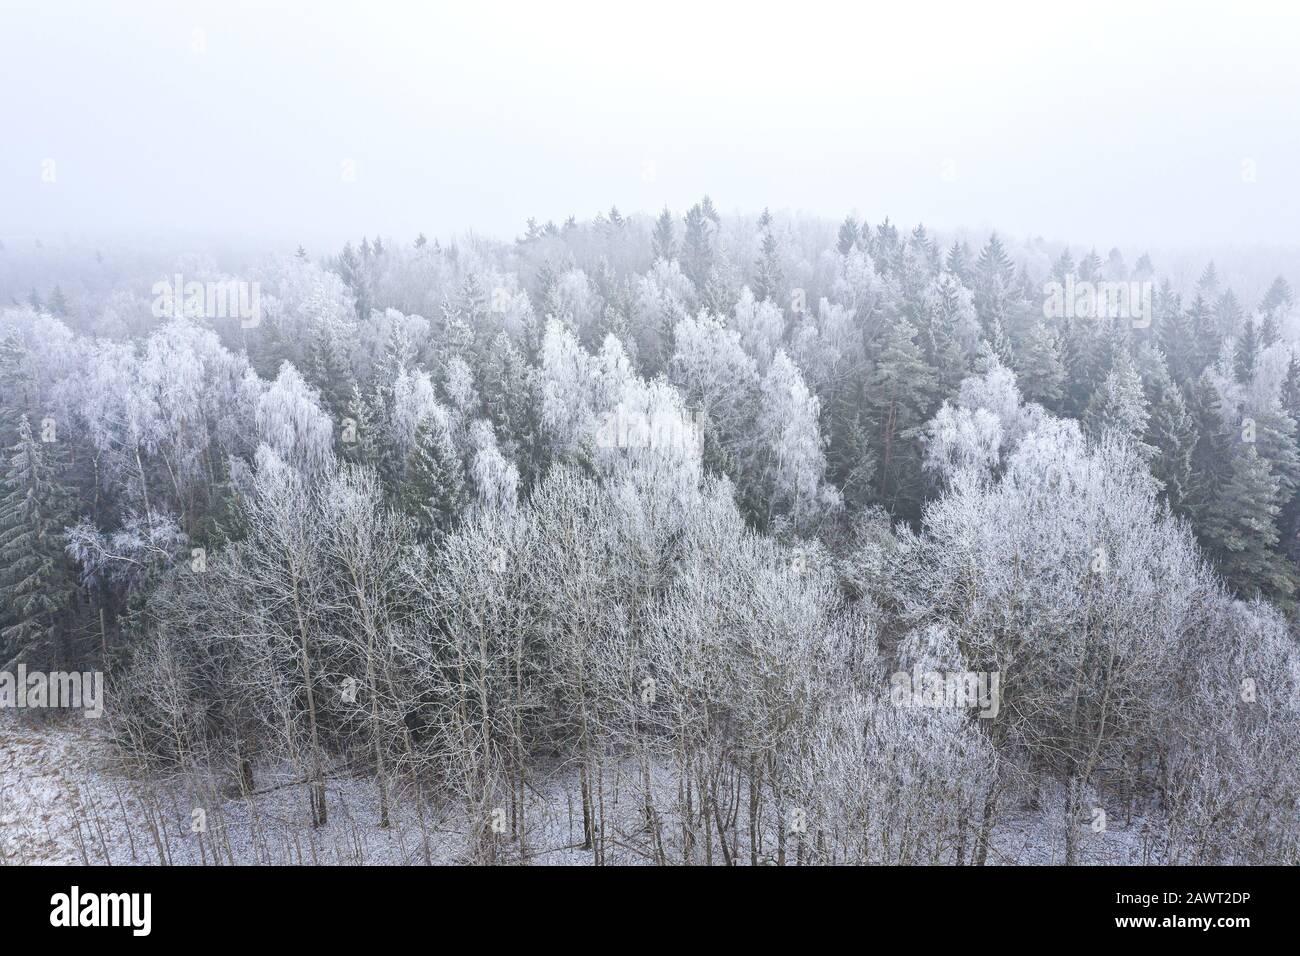 árboles en bosque mixto cubiertos de hoarfrost. paisaje de invierno niebla. vista aérea desde el drone Foto de stock